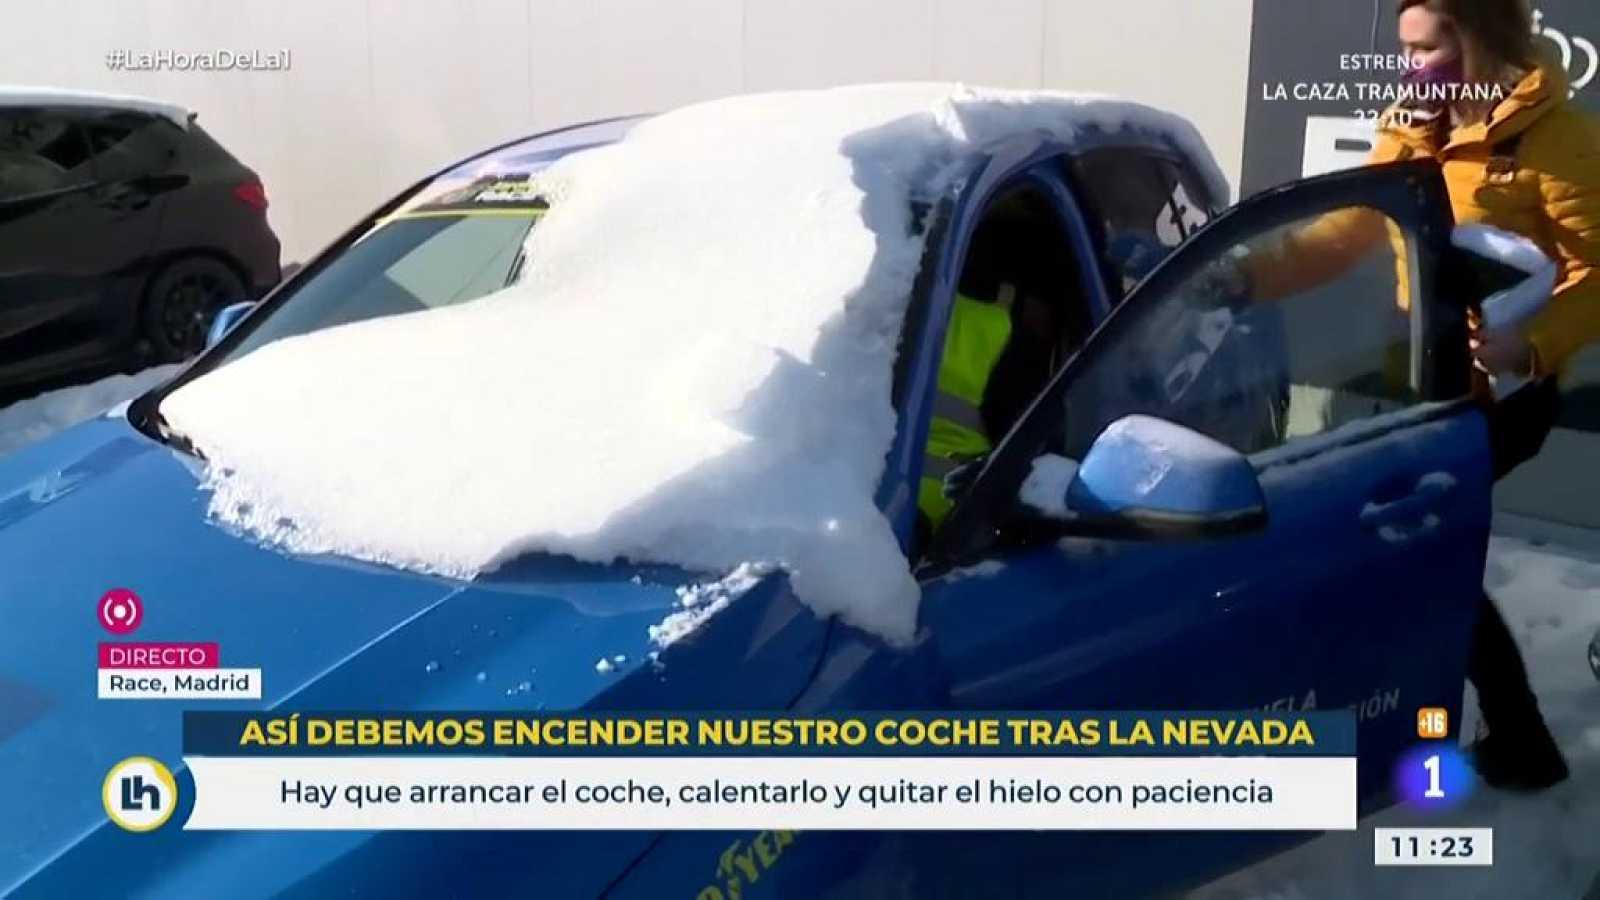 La Hora - Así debemos arrancar el coche tras la nevada